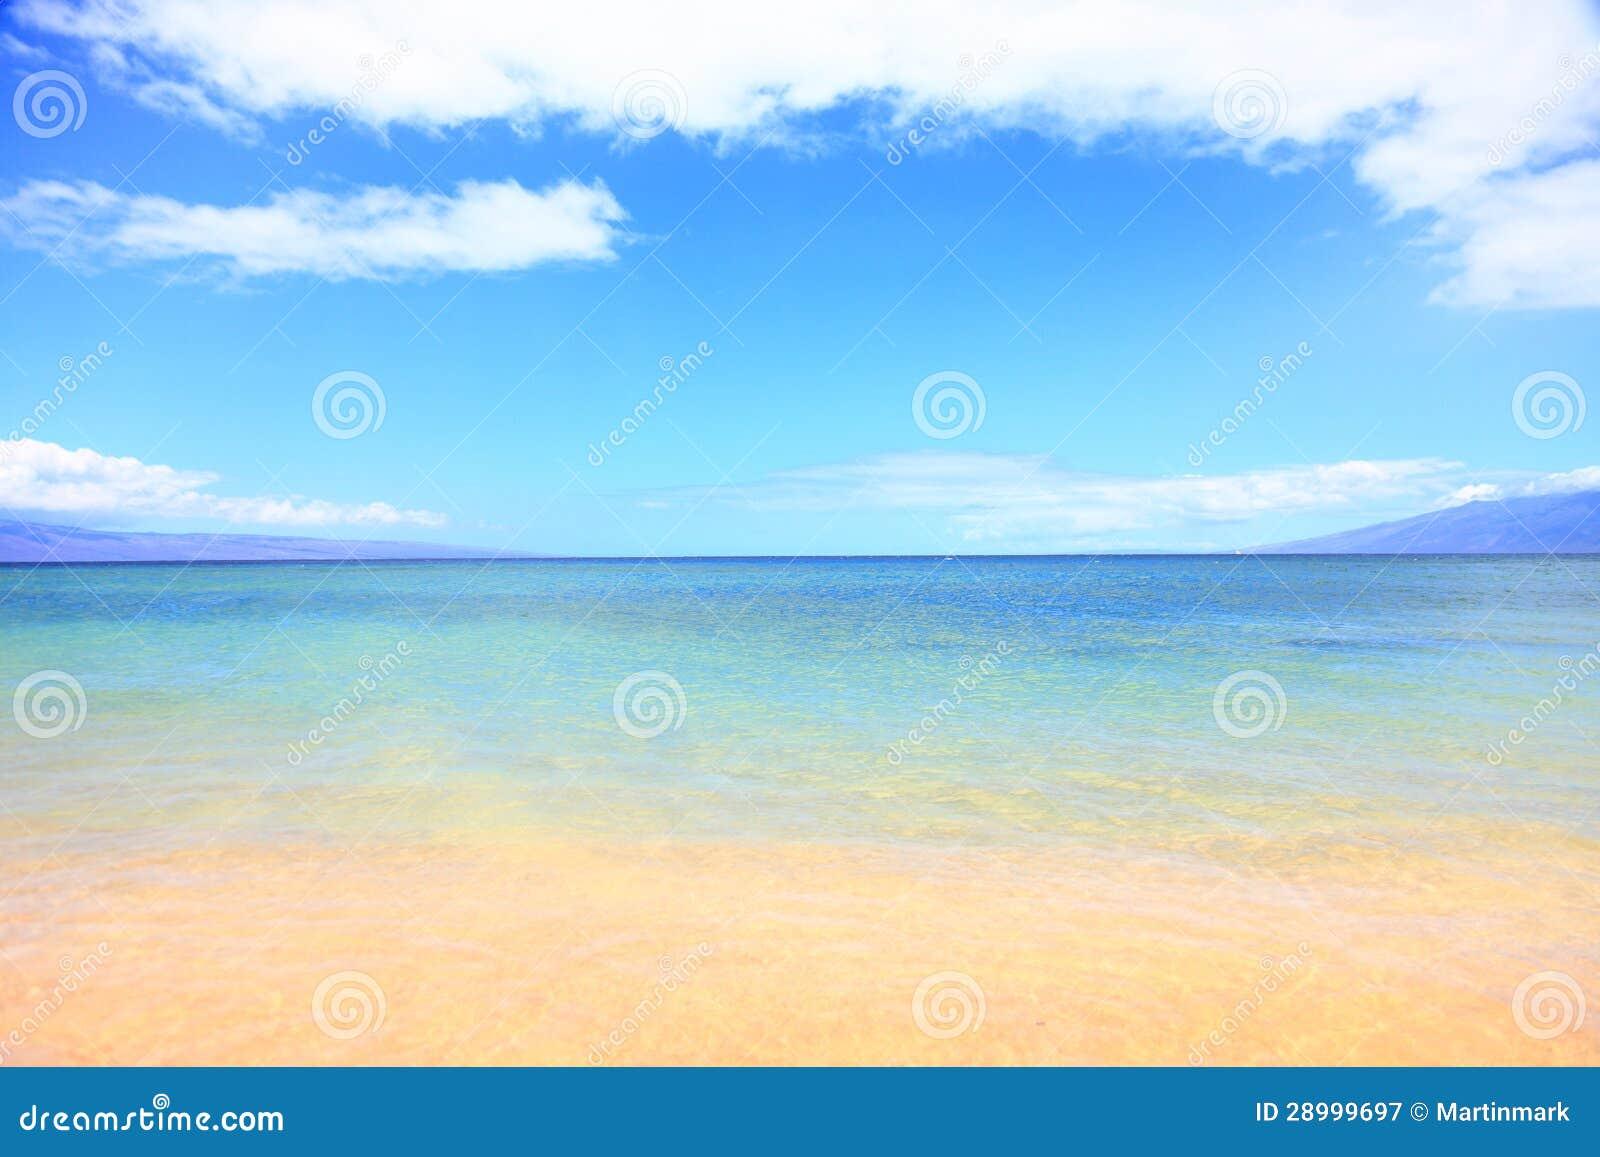 Fundo do oceano da praia do verão das férias